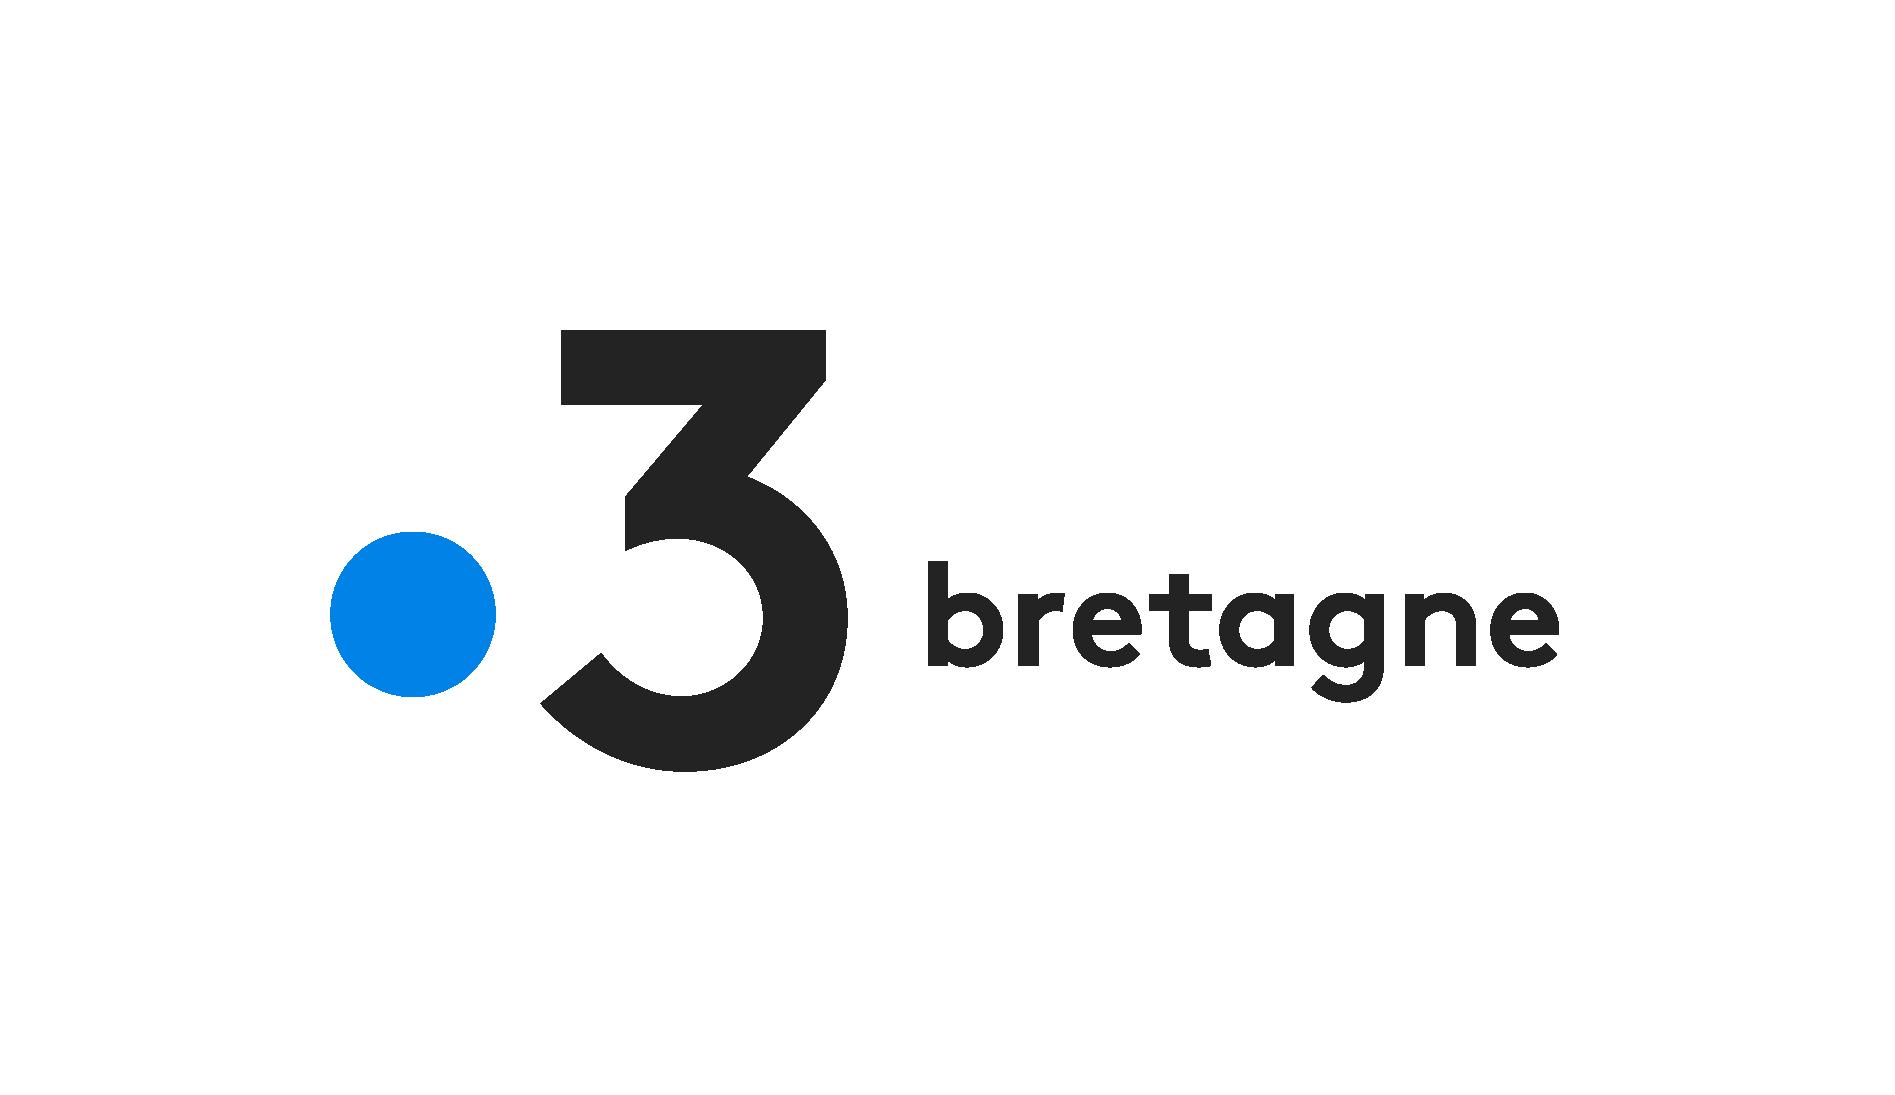 france_3_logo_rvb_bretagne_couleur_noir